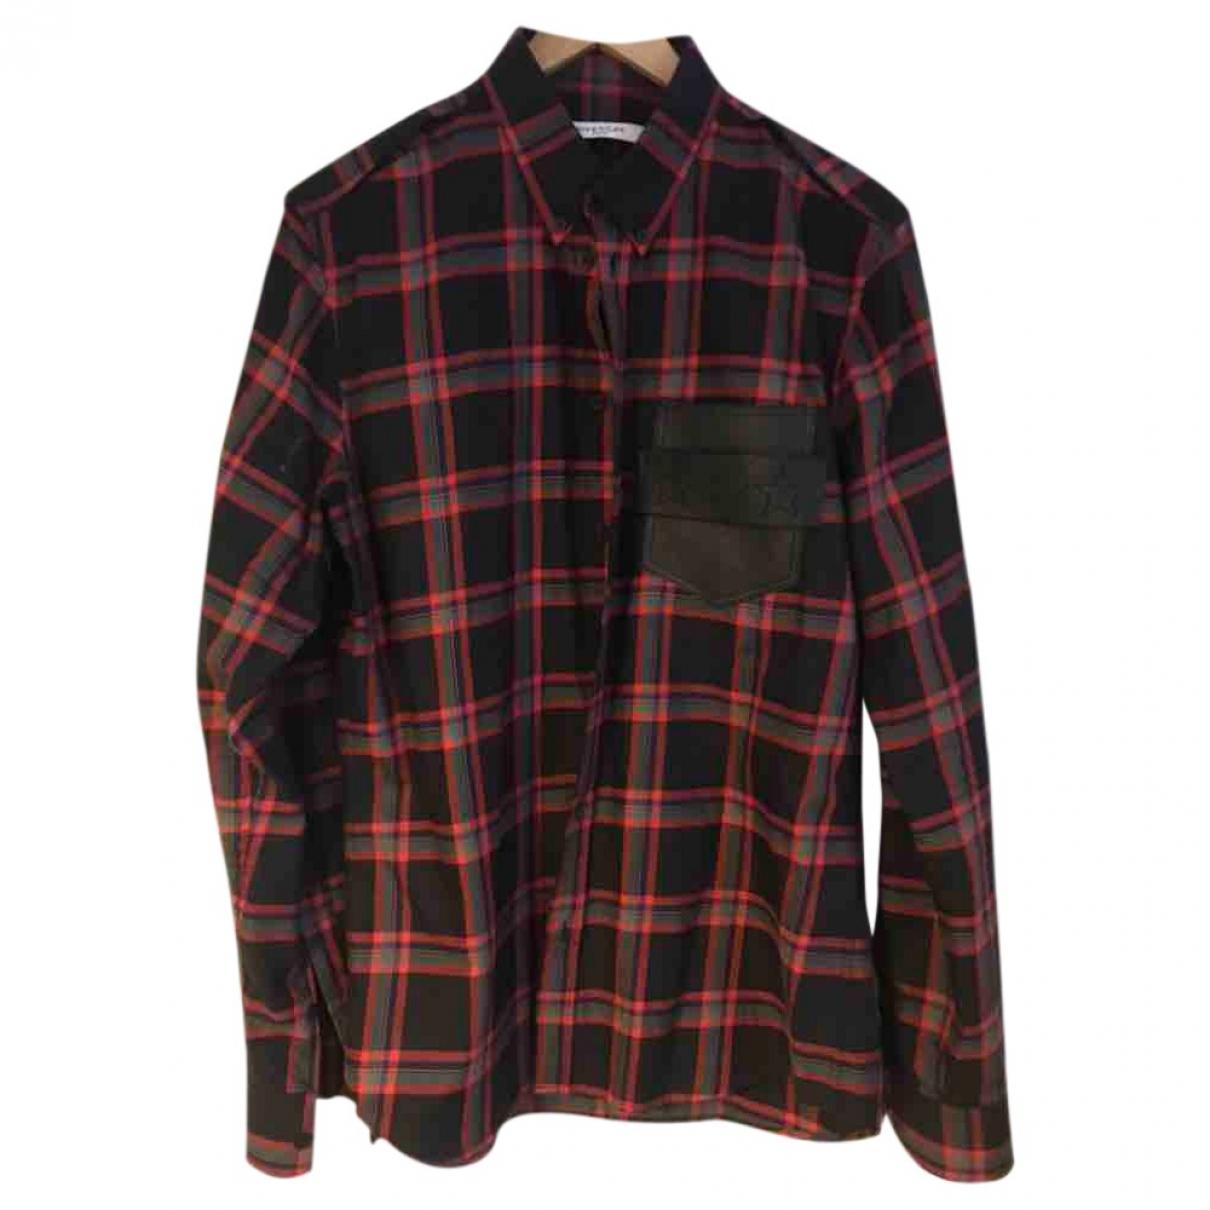 Givenchy \N Multicolour Cotton Shirts for Men 41 EU (tour de cou / collar)